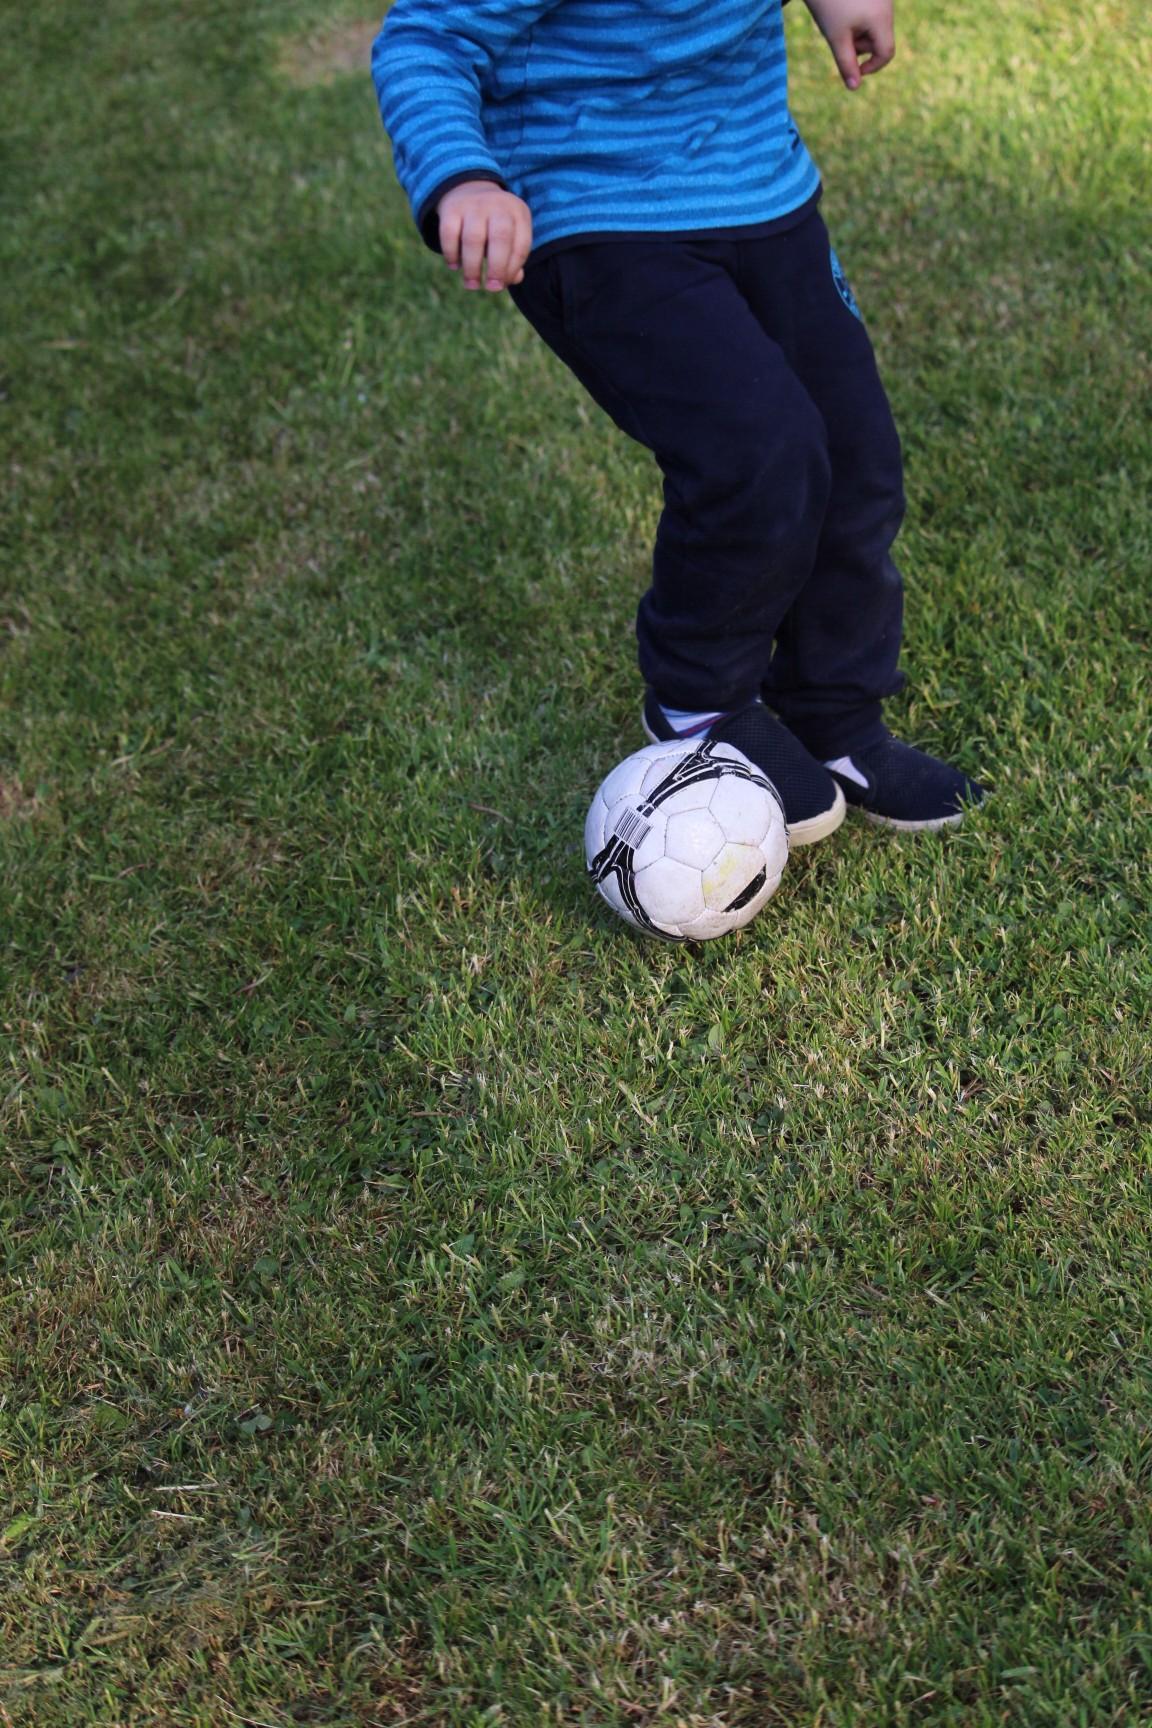 Les sports à pratiquer dans son jardin.